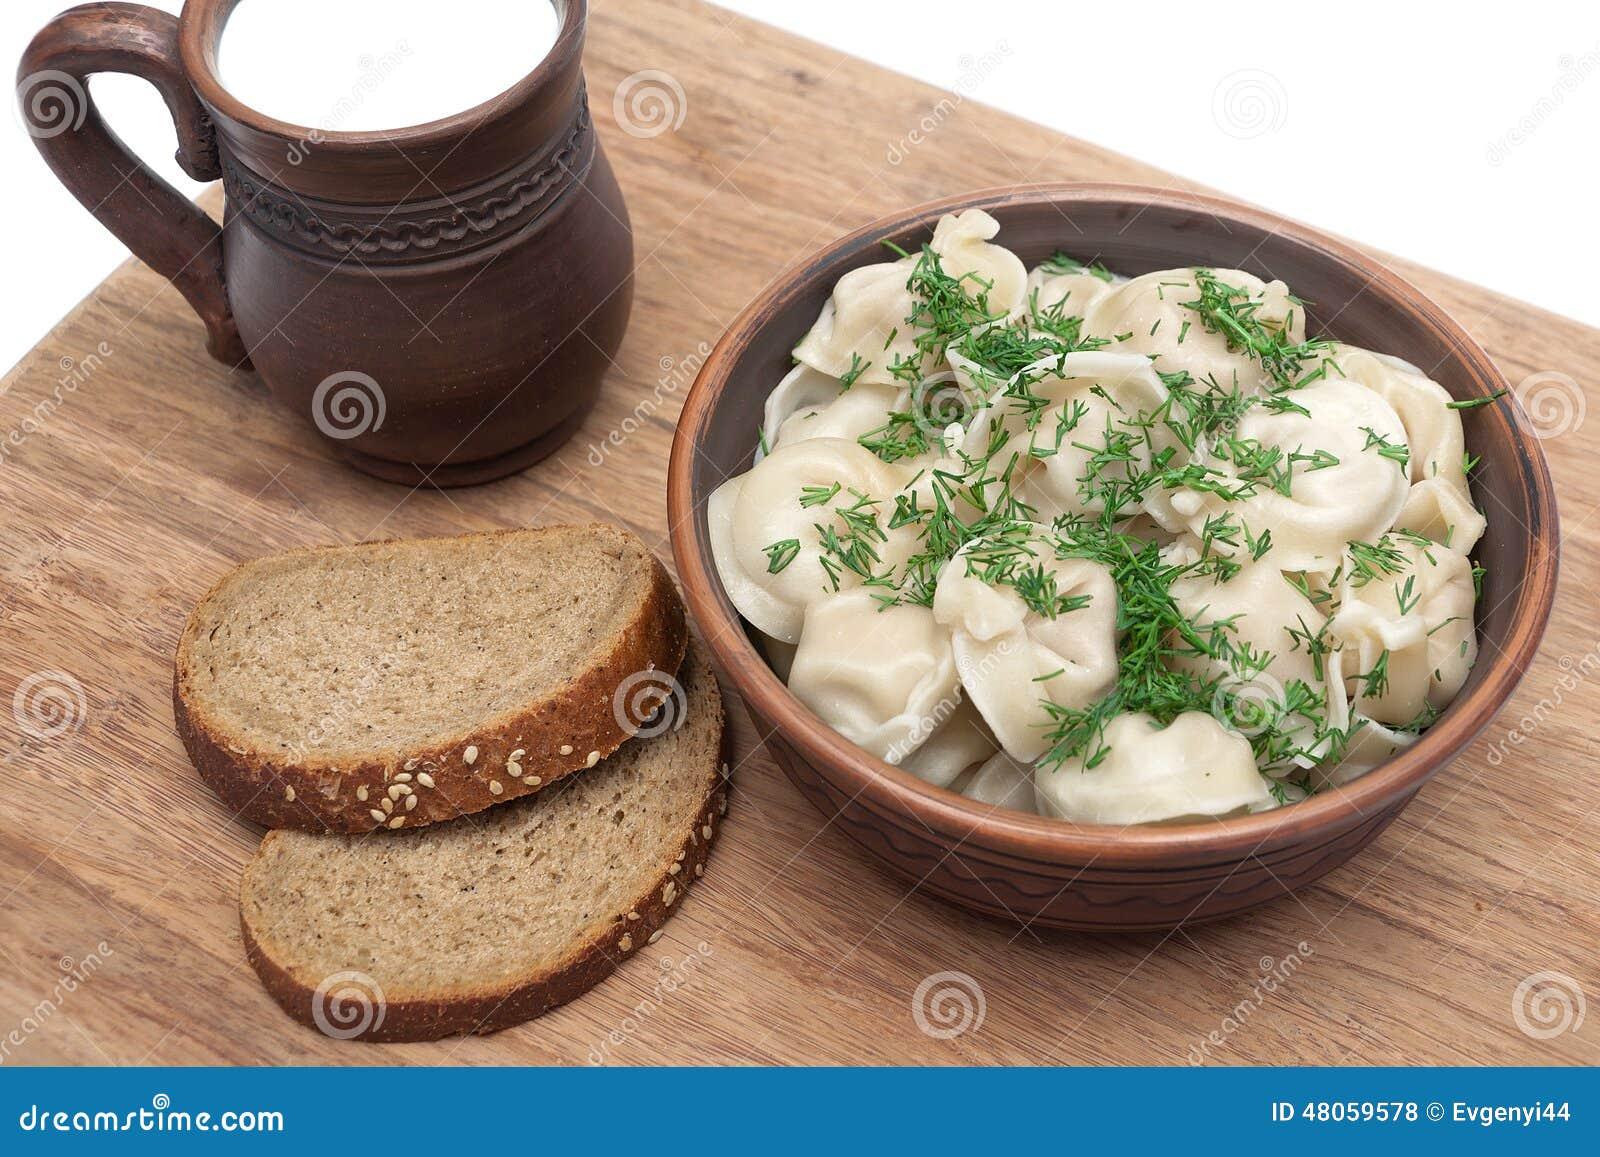 how to make russian dumplings